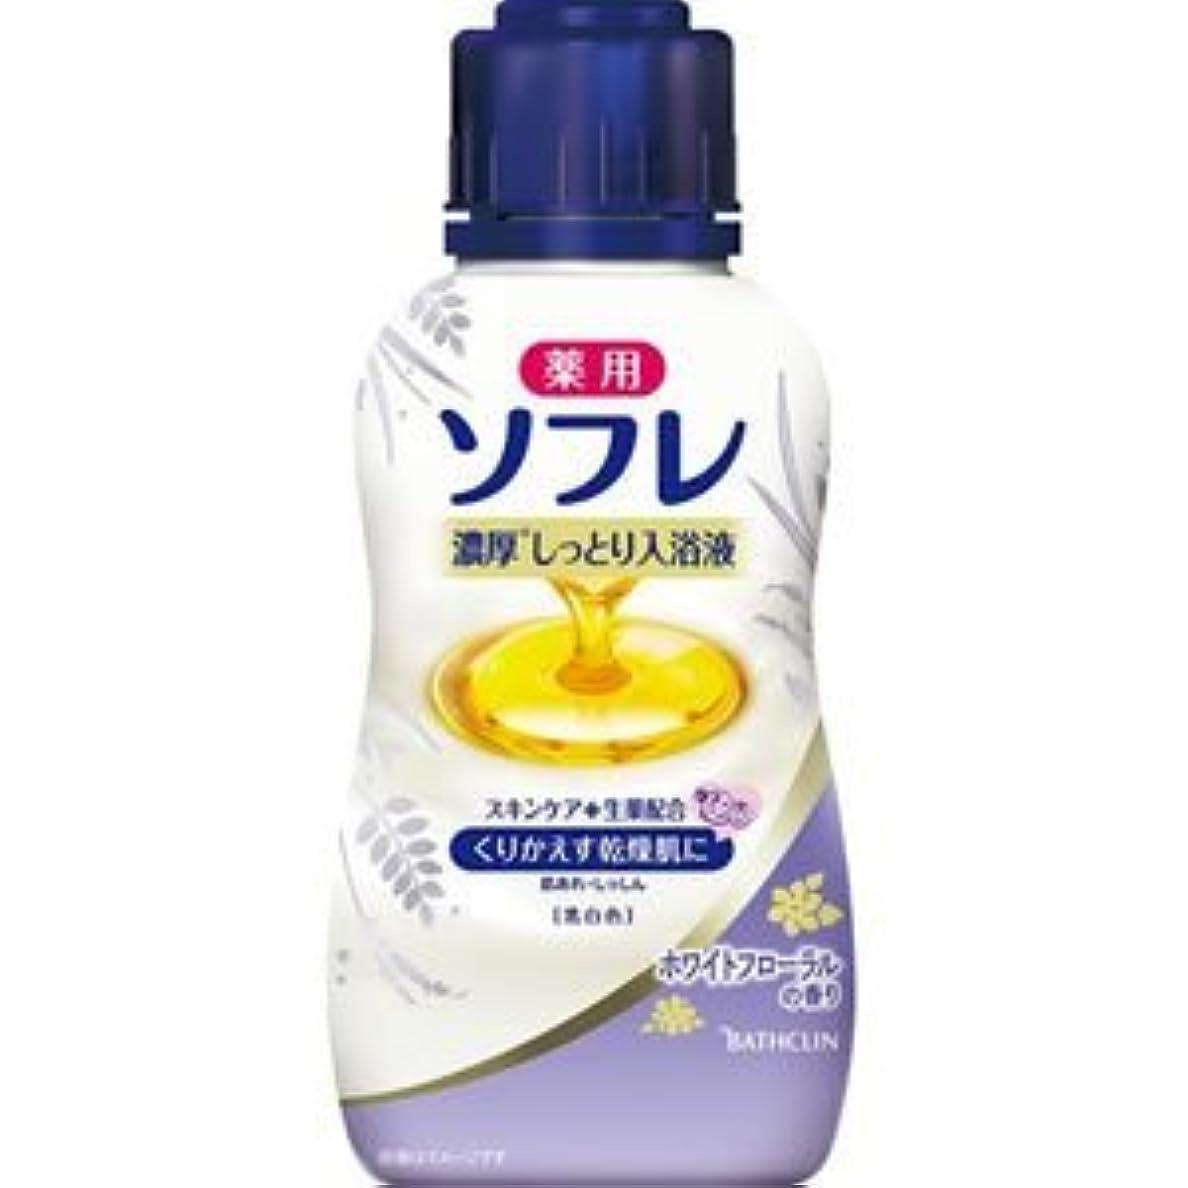 強制的それ種をまく(バスクリン)薬用ソフレ 濃厚しっとり入浴液(ホワイトフローラルの香り)(お買い得3本セット)480ml(医薬部外品)